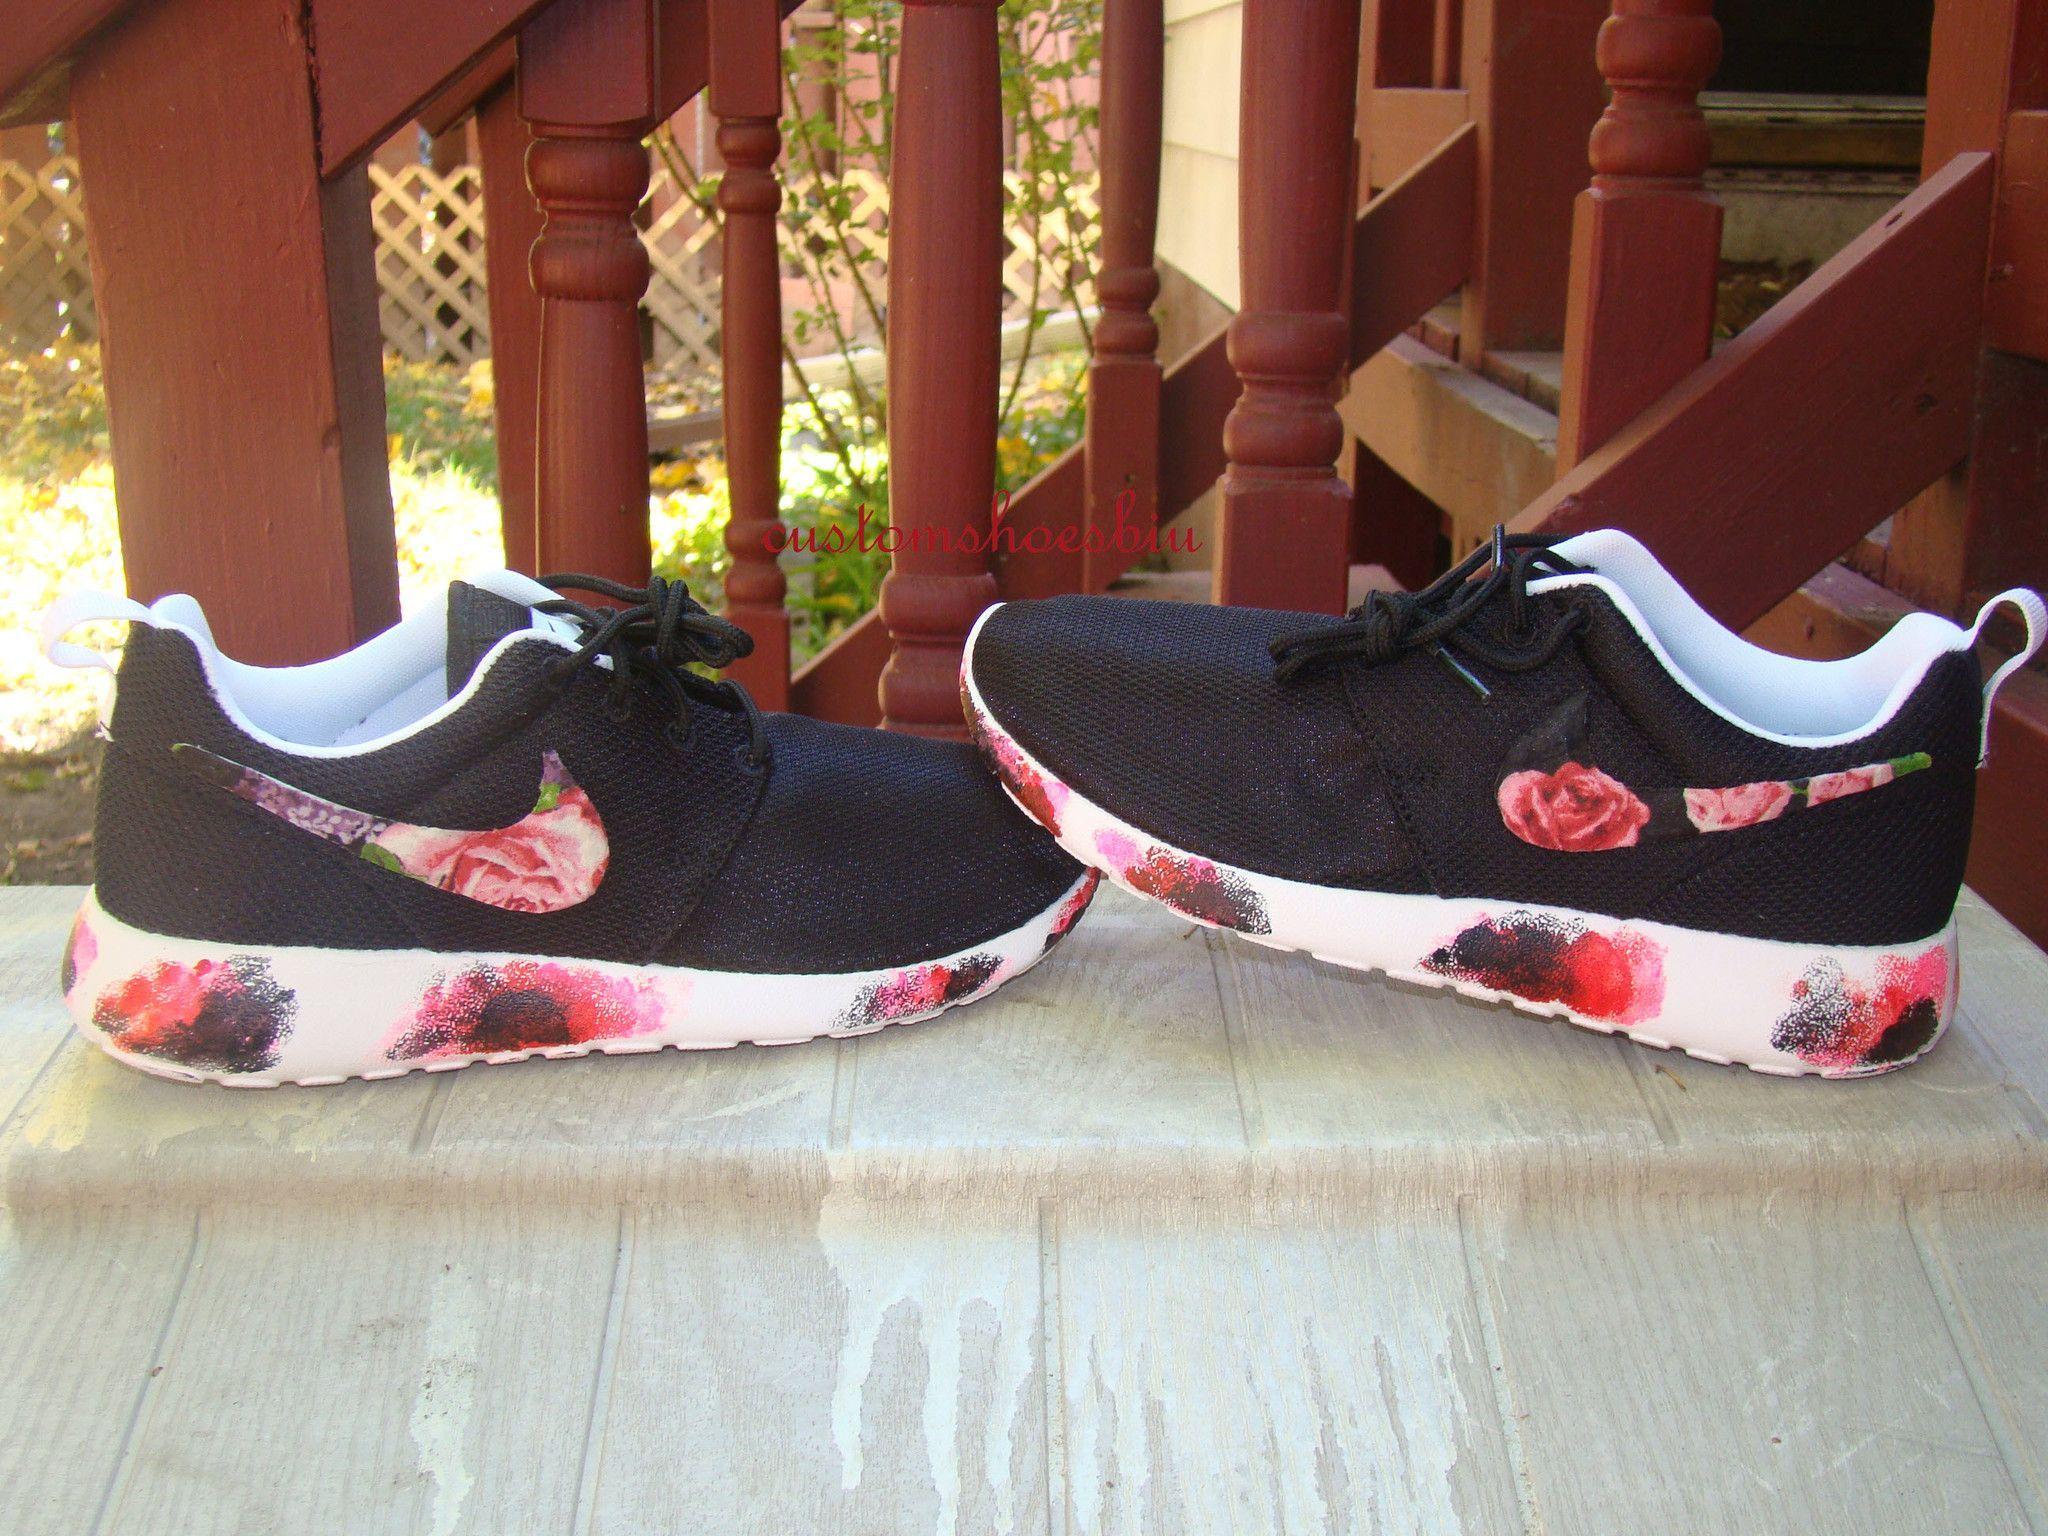 huge discount e6f55 c8acd Custom Nike Roshe Run- Floral Nike Roshe Runs with Paint Soles- Women  Men  Kids